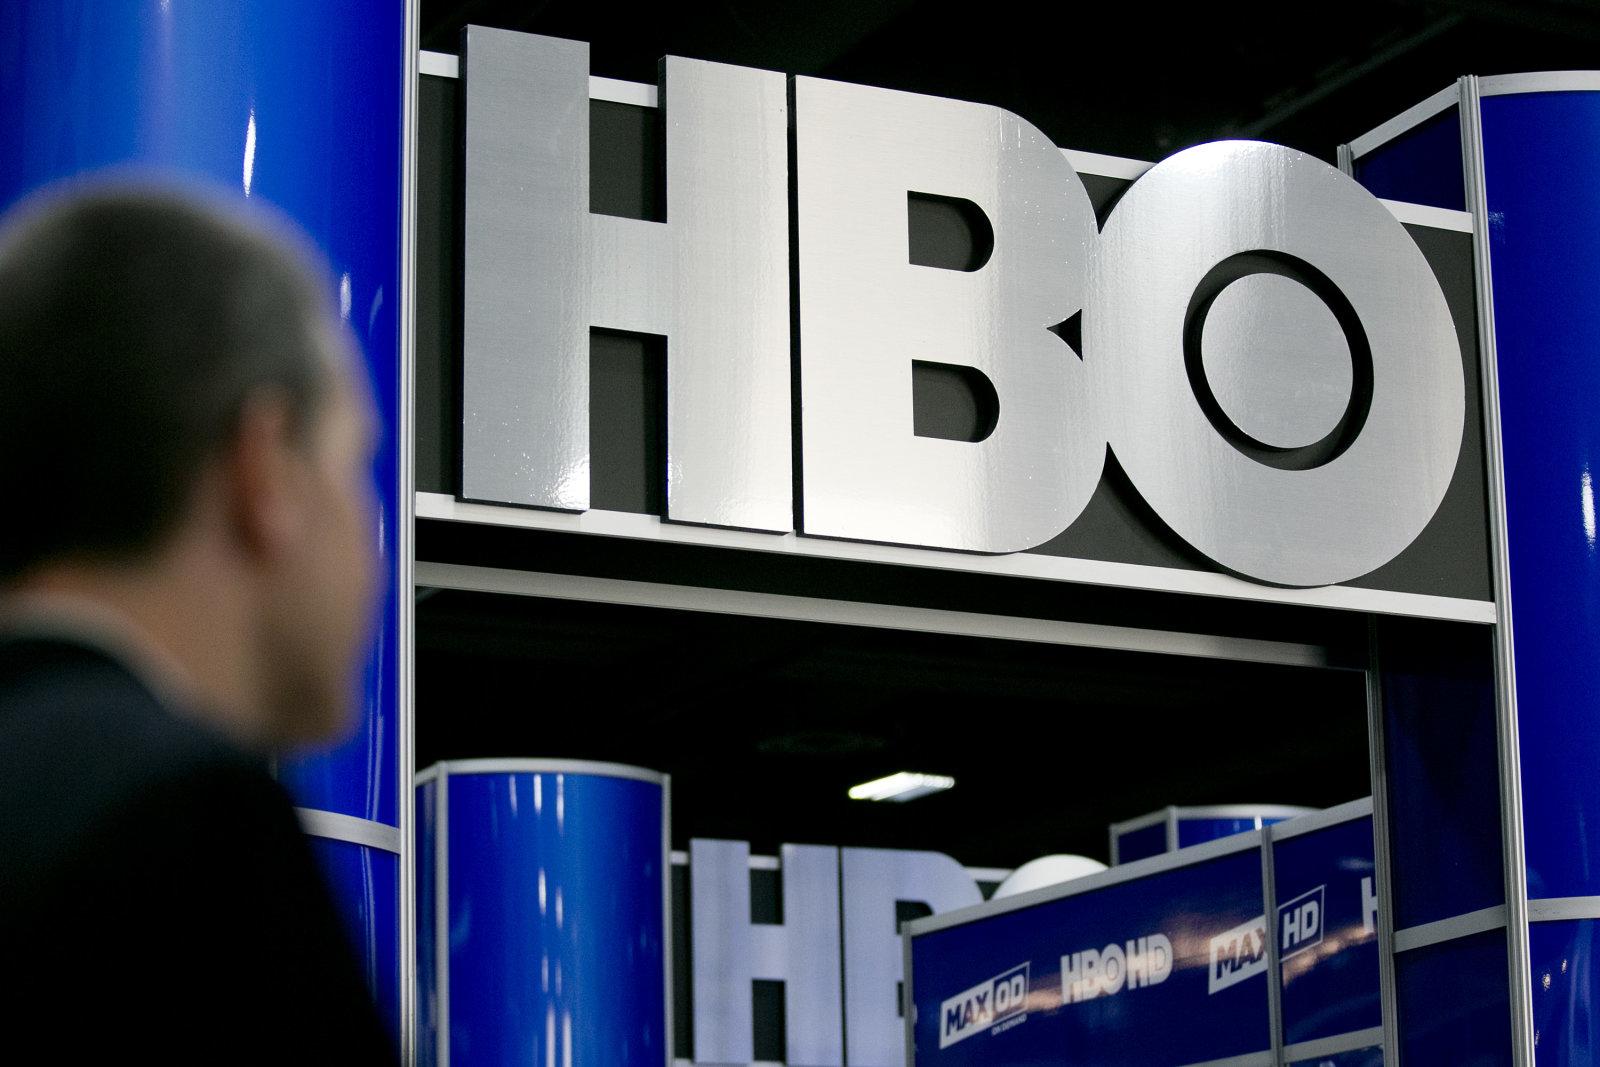 Şimdi de HBO Sosyal Medya Hesapları Hacklendi, OurMine HBO'yu Uyardı